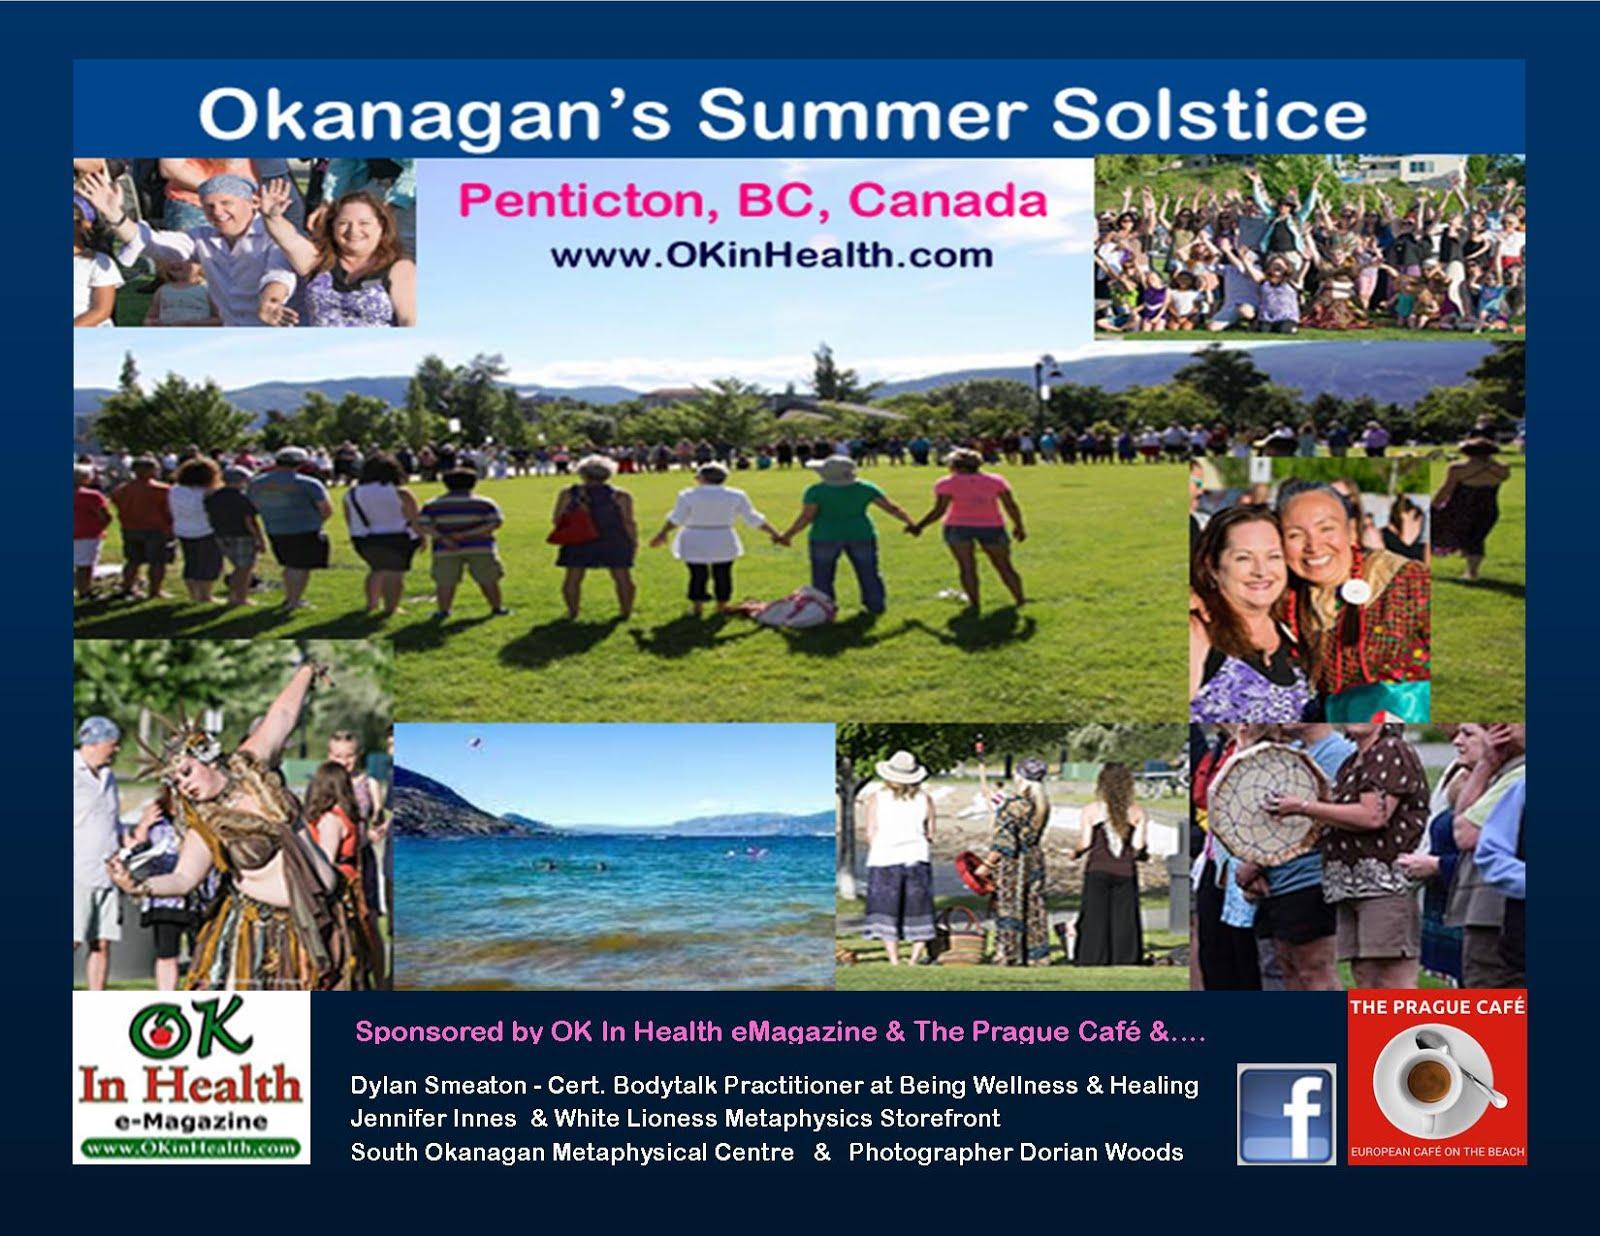 Okanagan Summer Solstice